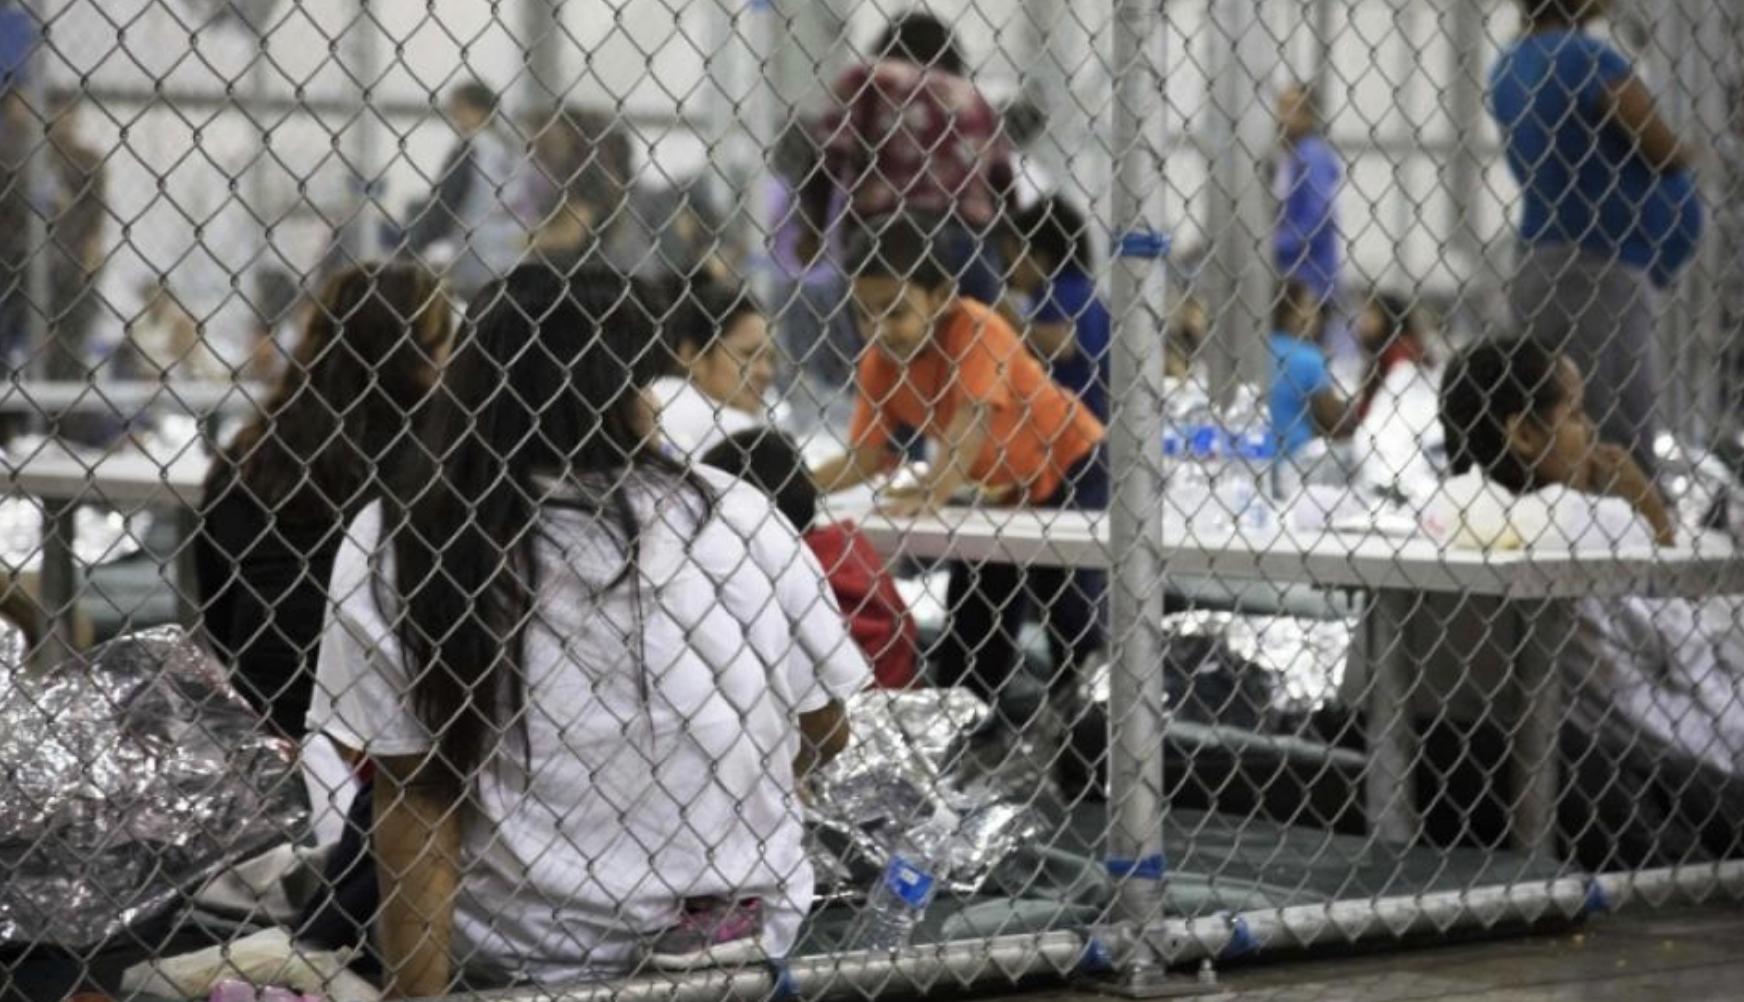 Pediatras comparan el trato que da EEUU a los niños migrantes con la tortura